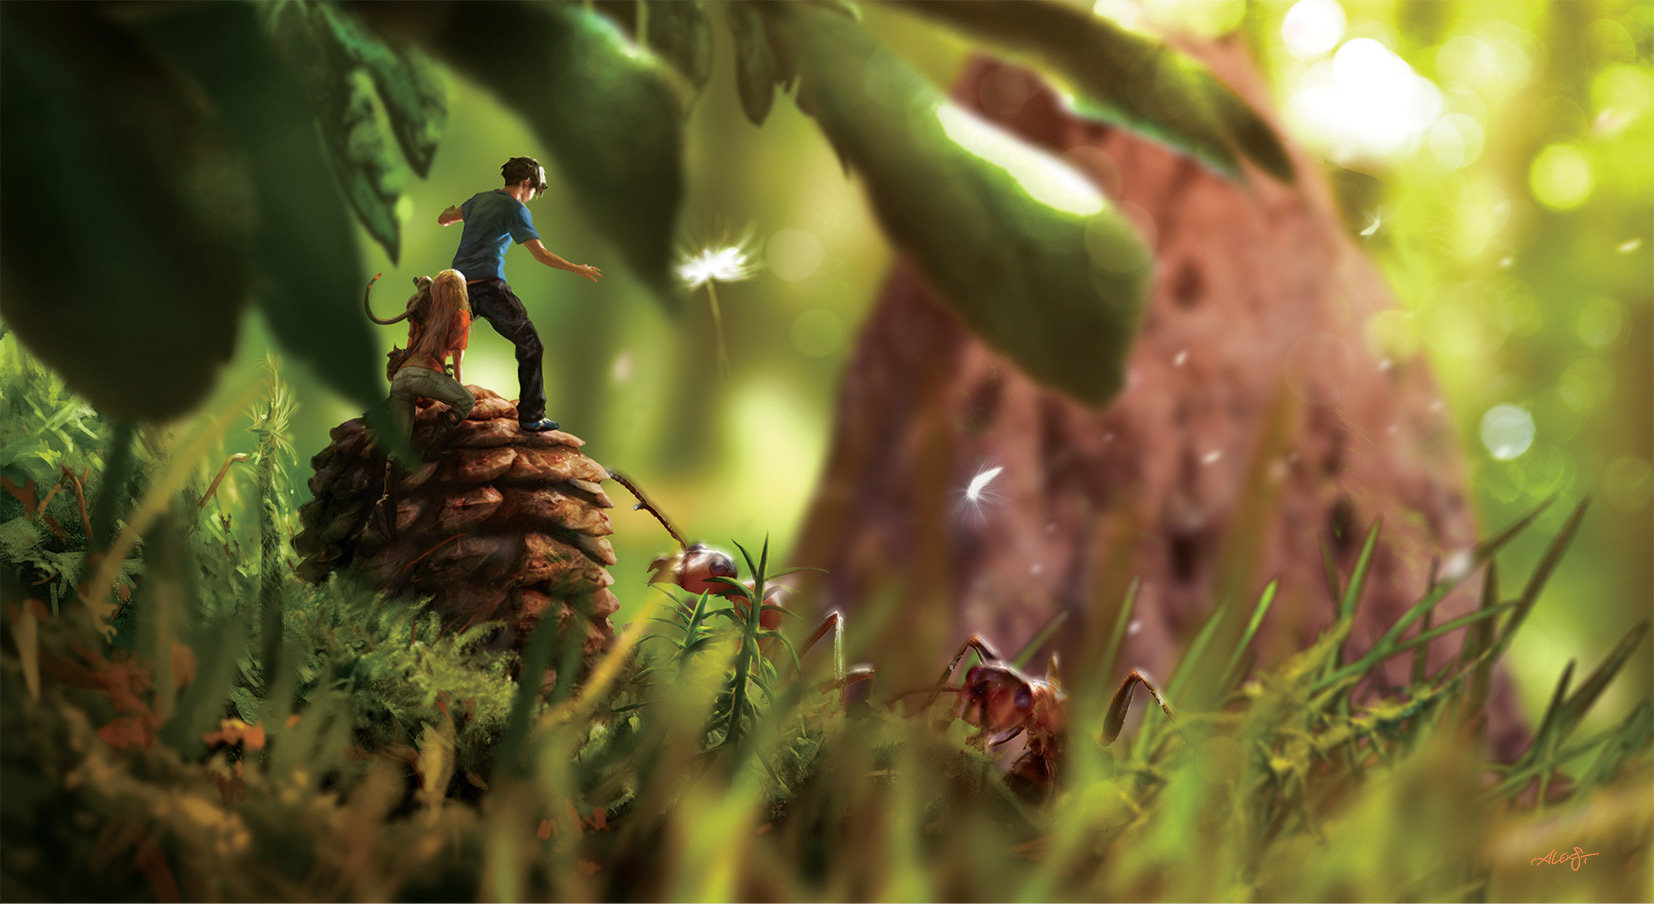 Aleksi briclot oniria01 illus02 entrepotroyal final small